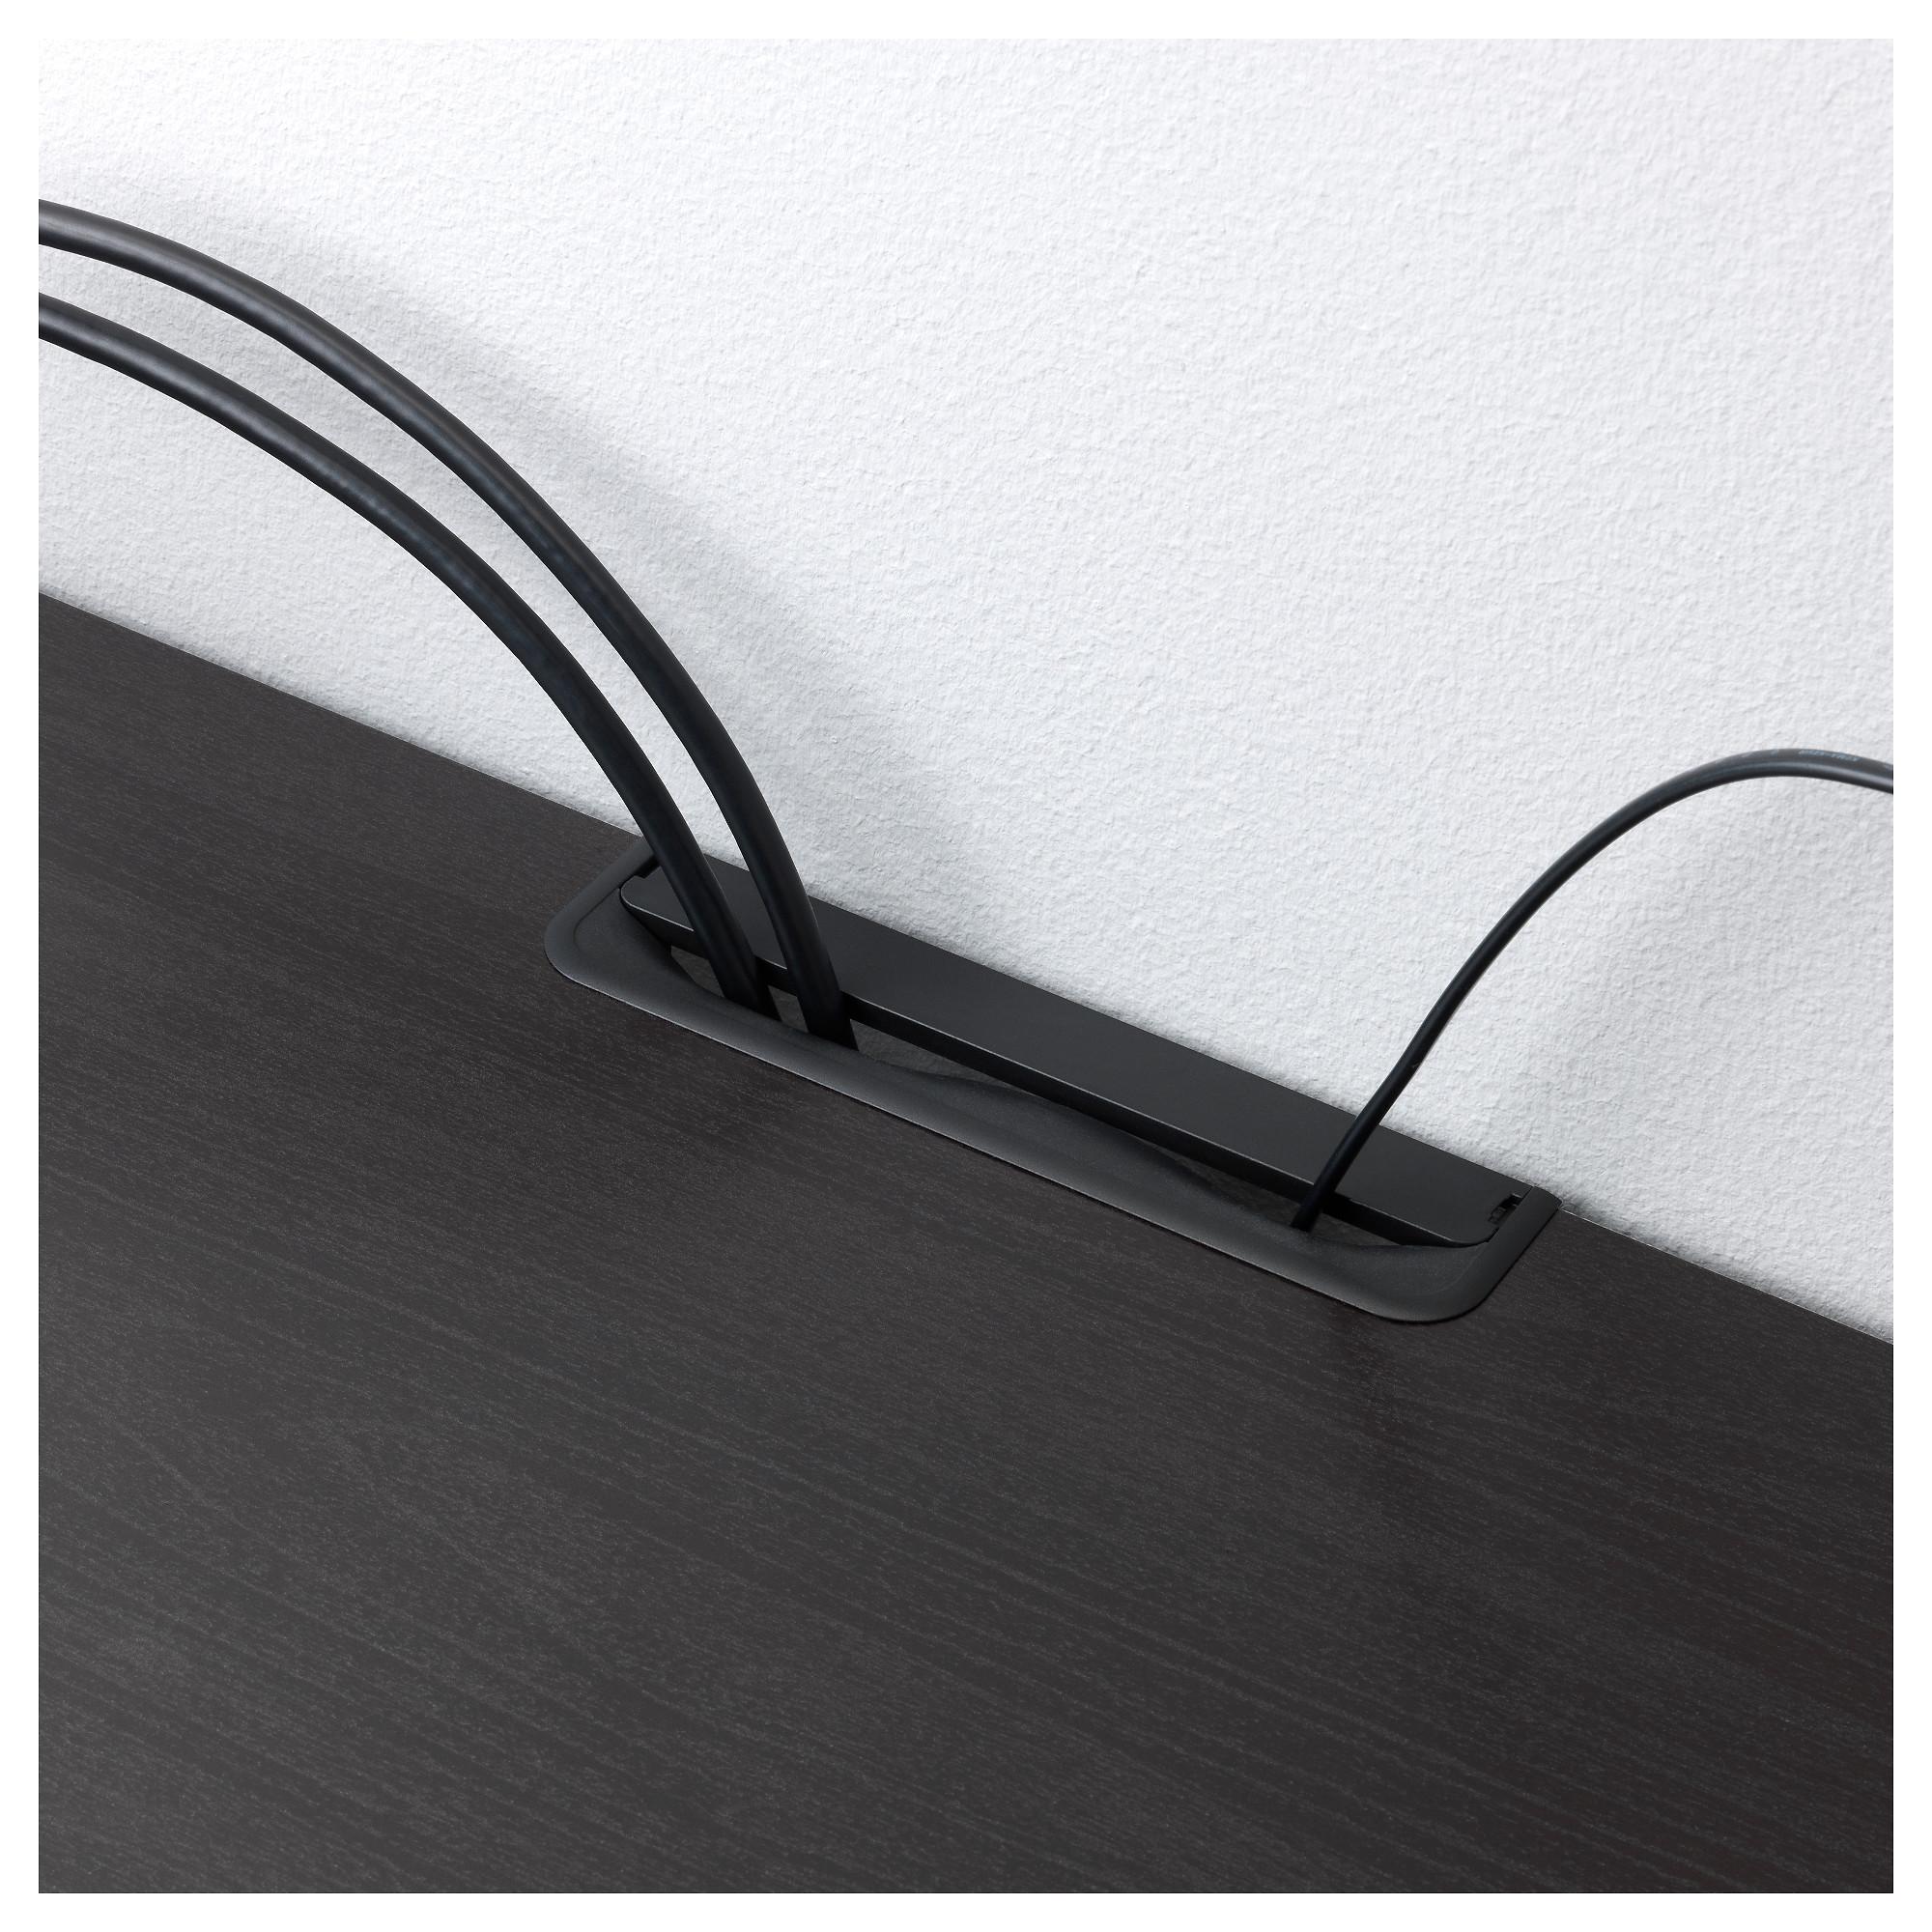 Шкаф для ТВ, комбинированный, стекляные дверцы БЕСТО артикуль № 292.501.40 в наличии. Online магазин IKEA Беларусь. Быстрая доставка и монтаж.